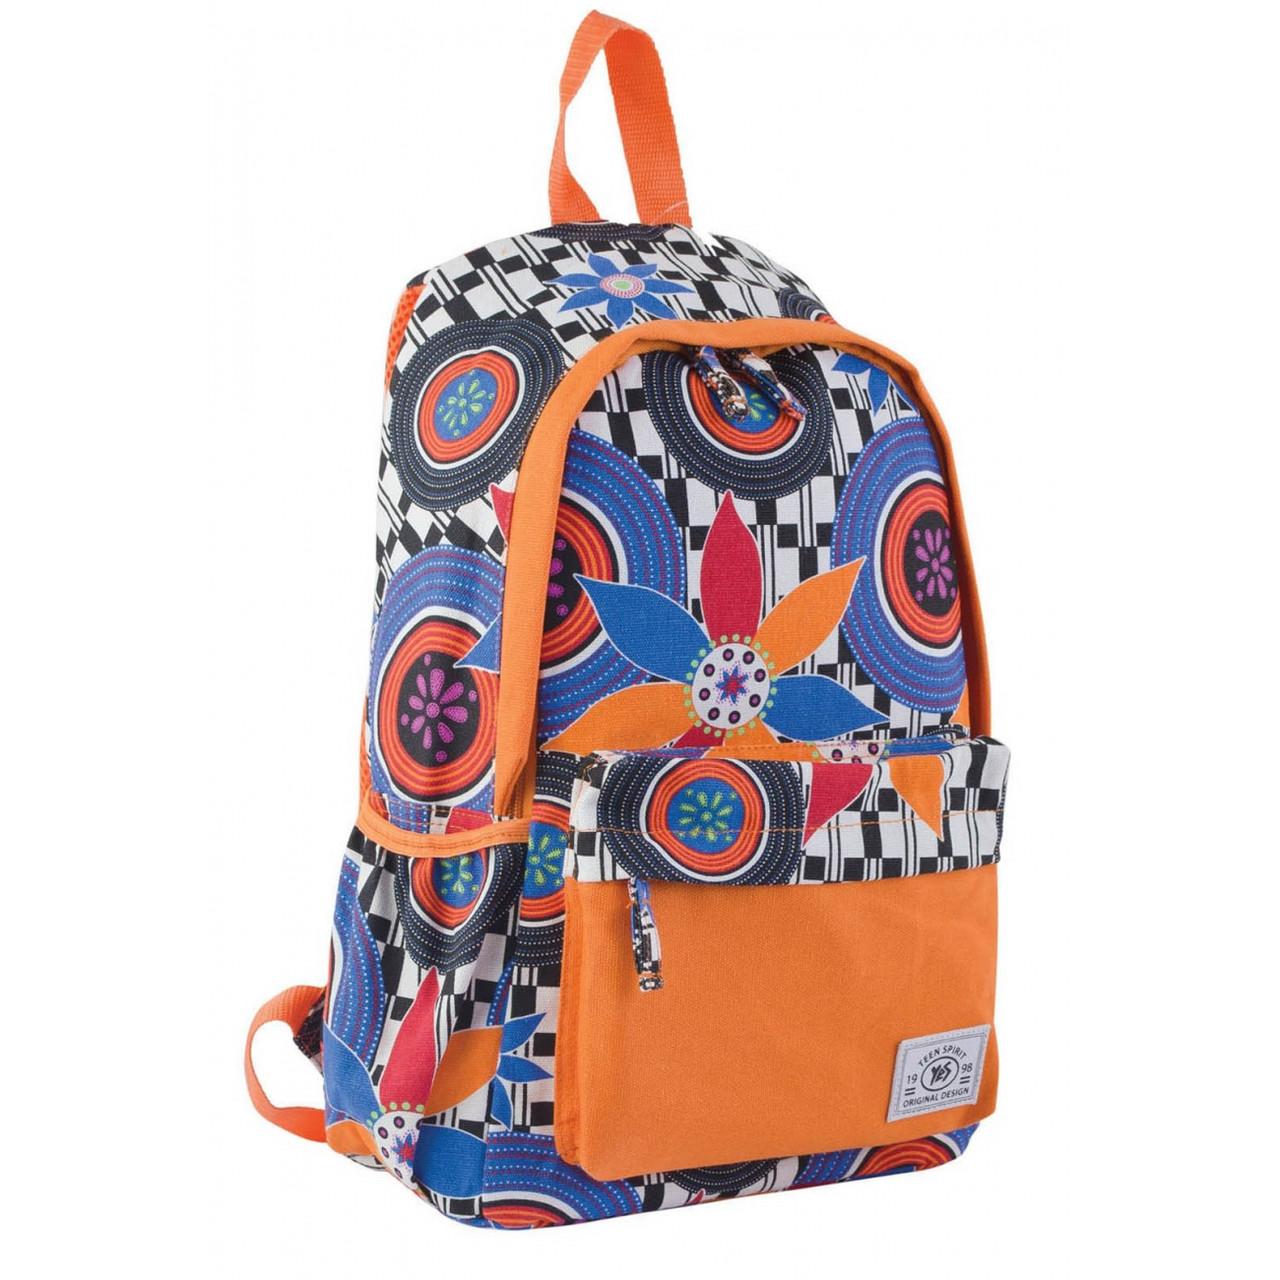 Рюкзак подростковый ST-33 Australia, 40*26.5*13